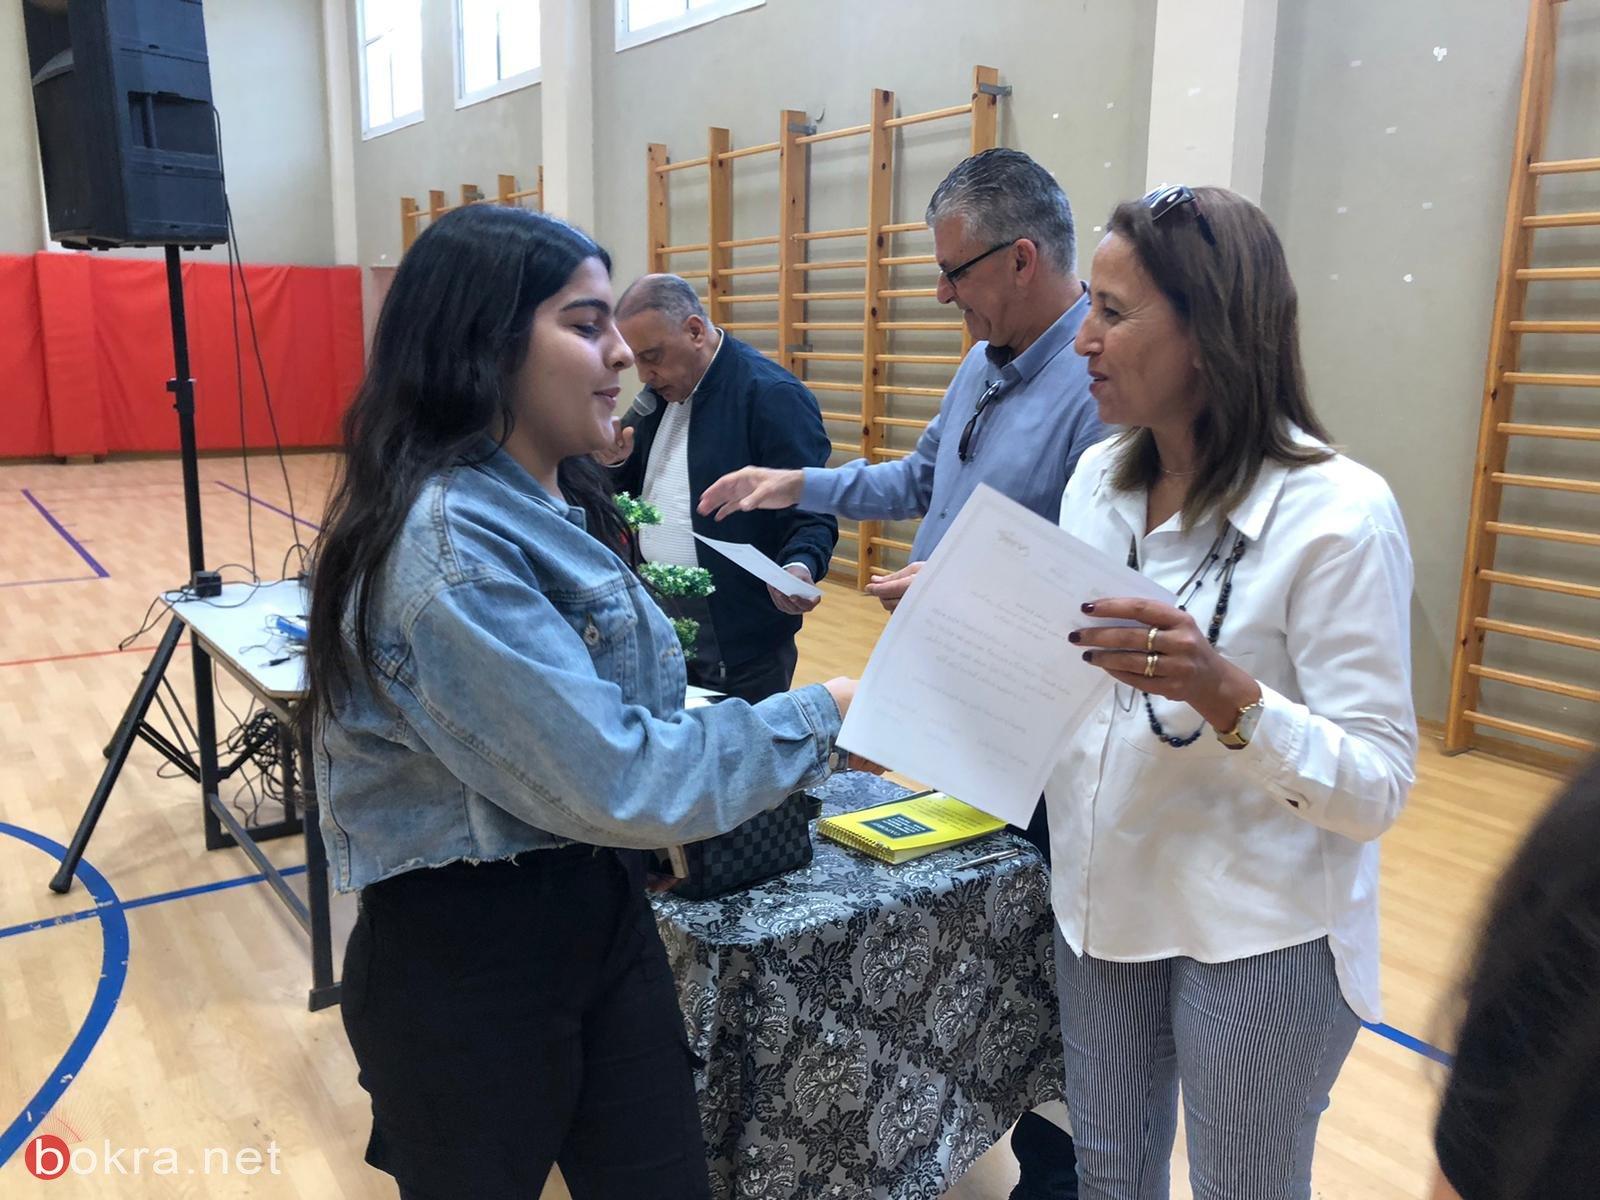 تواصل مشروع (المناخ التربوي السليم) في مدرسة أورط على أسم حلمي الشافعي عكا